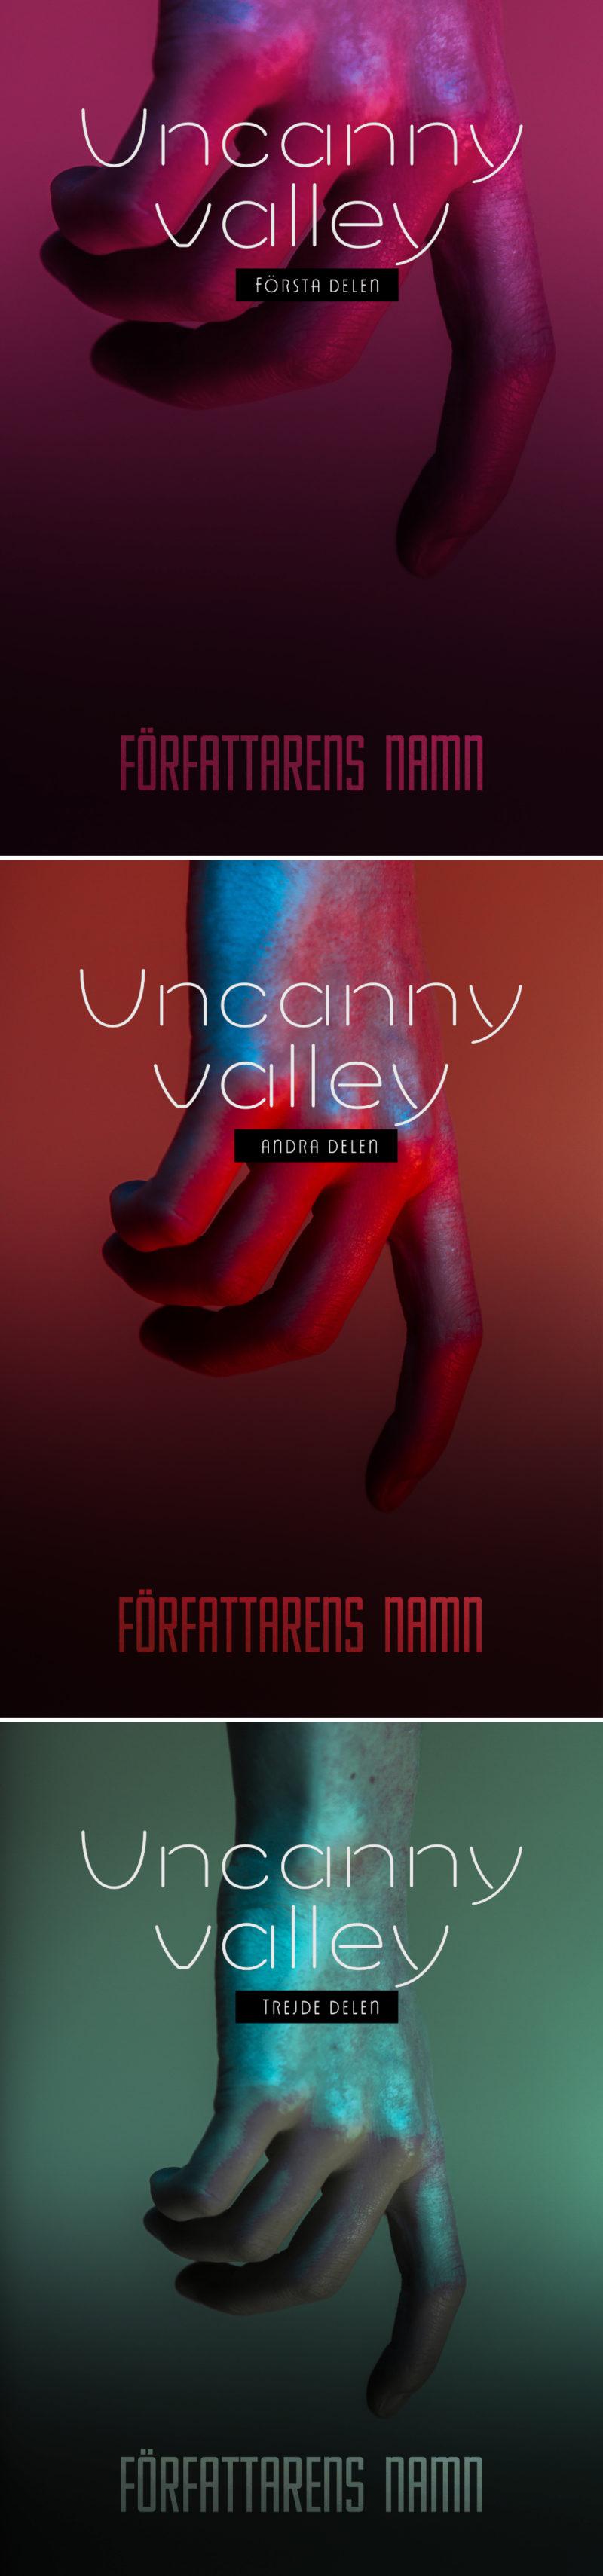 Bild på tre bokomslag i serie. Titel Uncanny Valley. En omänsklig hand, möjligtvis en robot eller android sträcker sig nedåt mot författarens namn. De olika omslagen har varsin ton: rosa, röd och grön. Handen verkar mer och mer sjuklig och obehaglig.